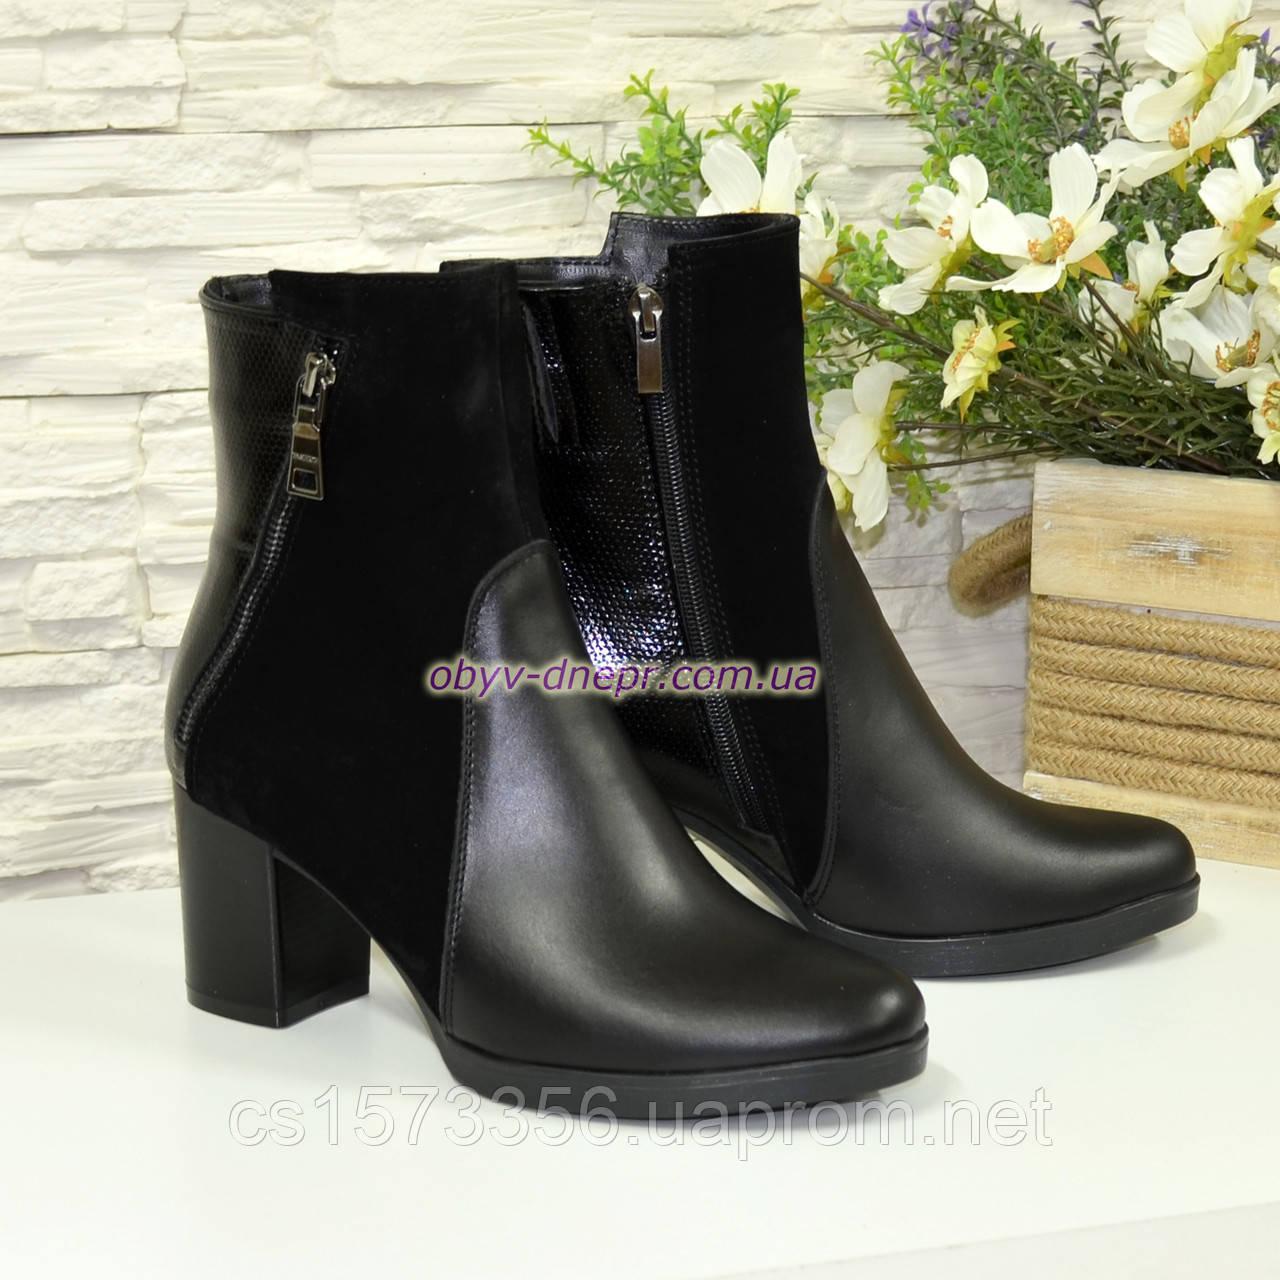 Ботинки женские комбинированные на устойчивом каблуке, декорированы молнией